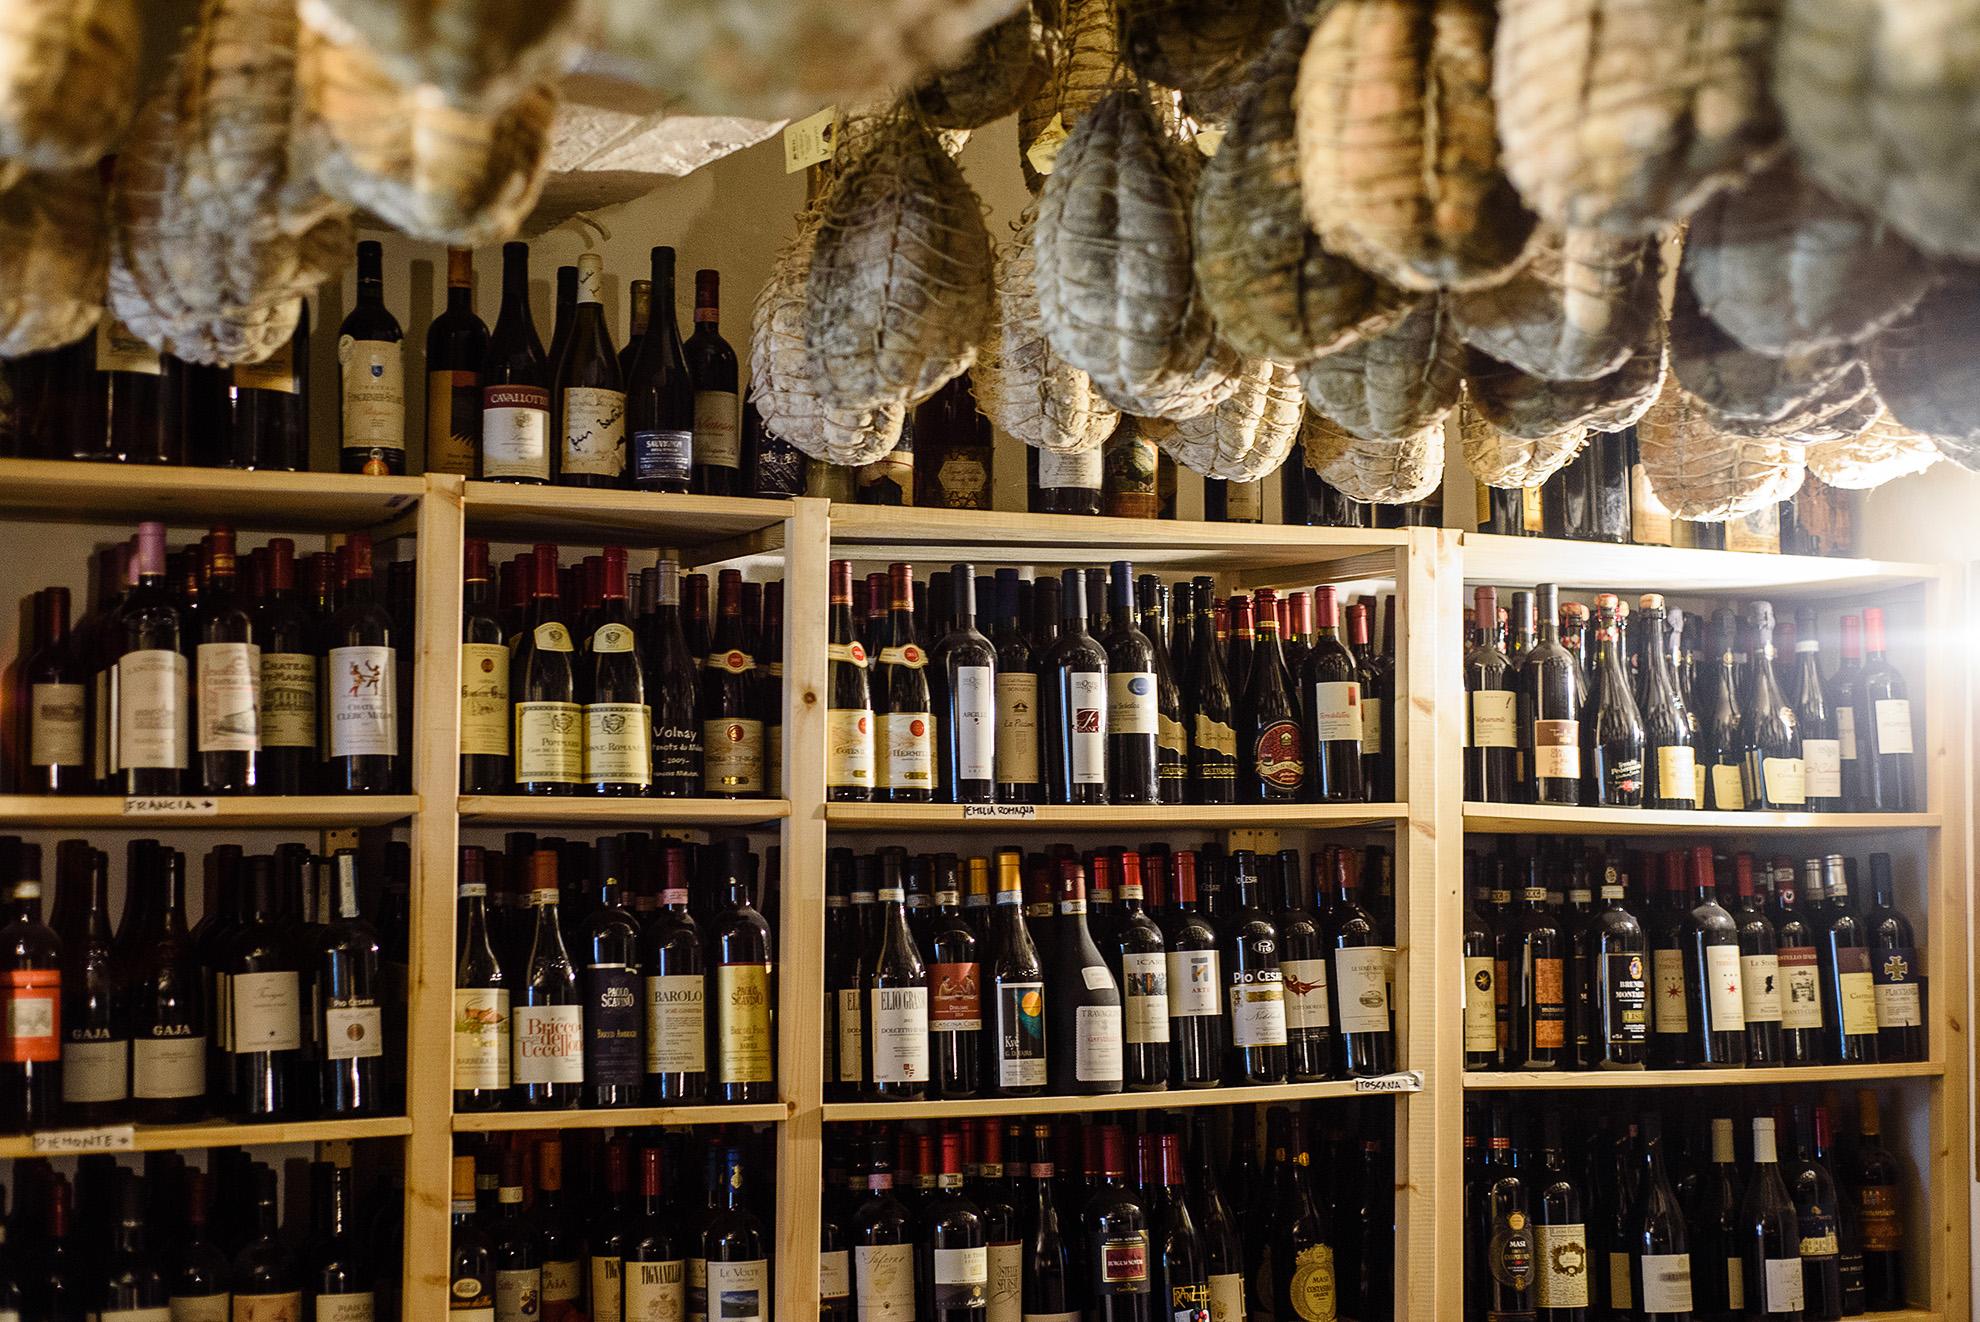 Tratoria la Buca w Zibello - piwniczka z winem